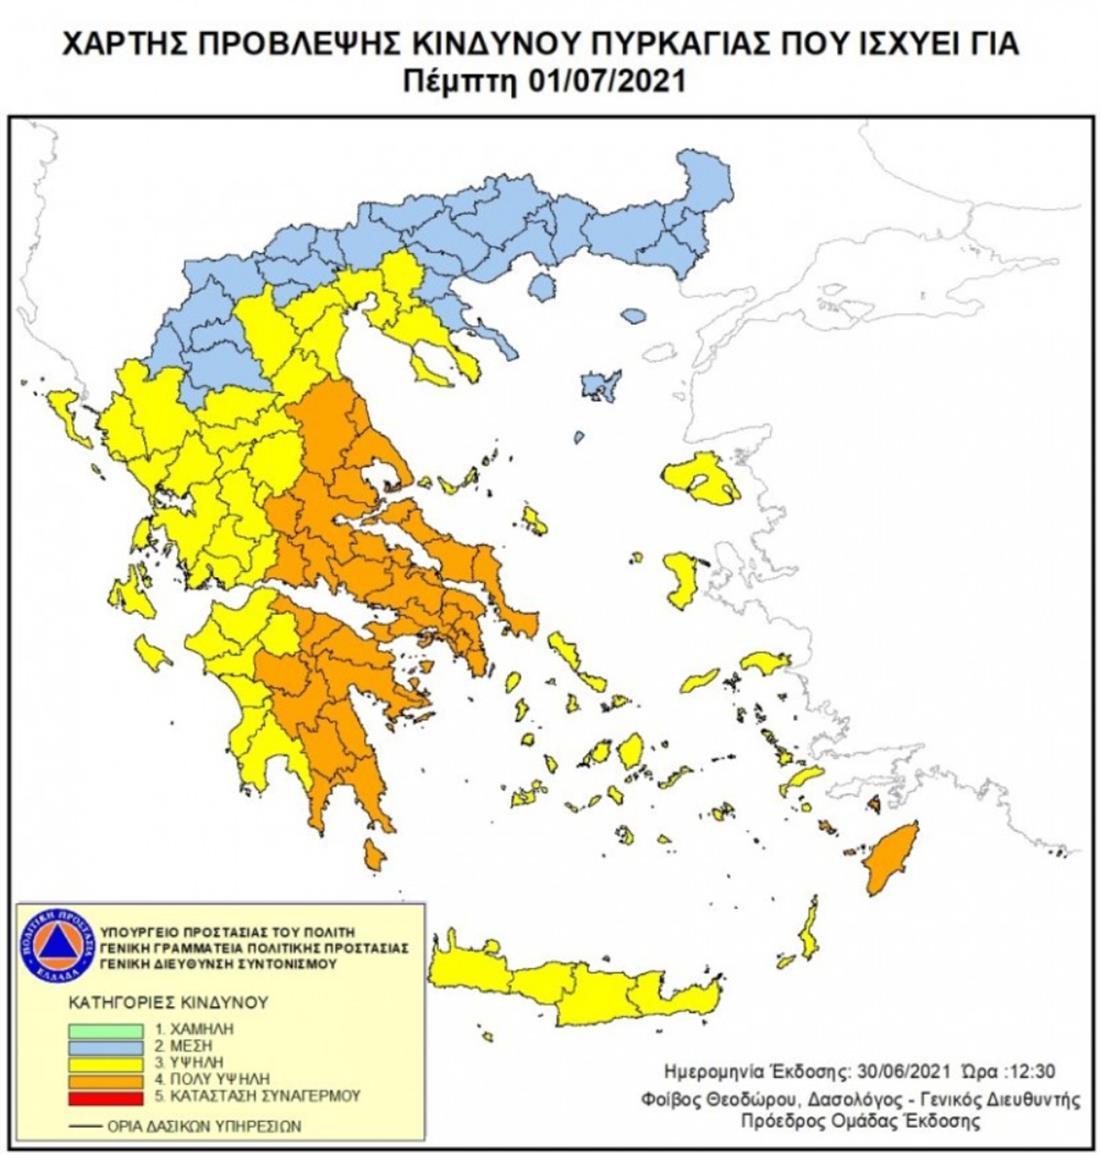 ΓΓΠΠ -Κίνδυνος πυρκαγιάς - χάρτης 1/7/2021